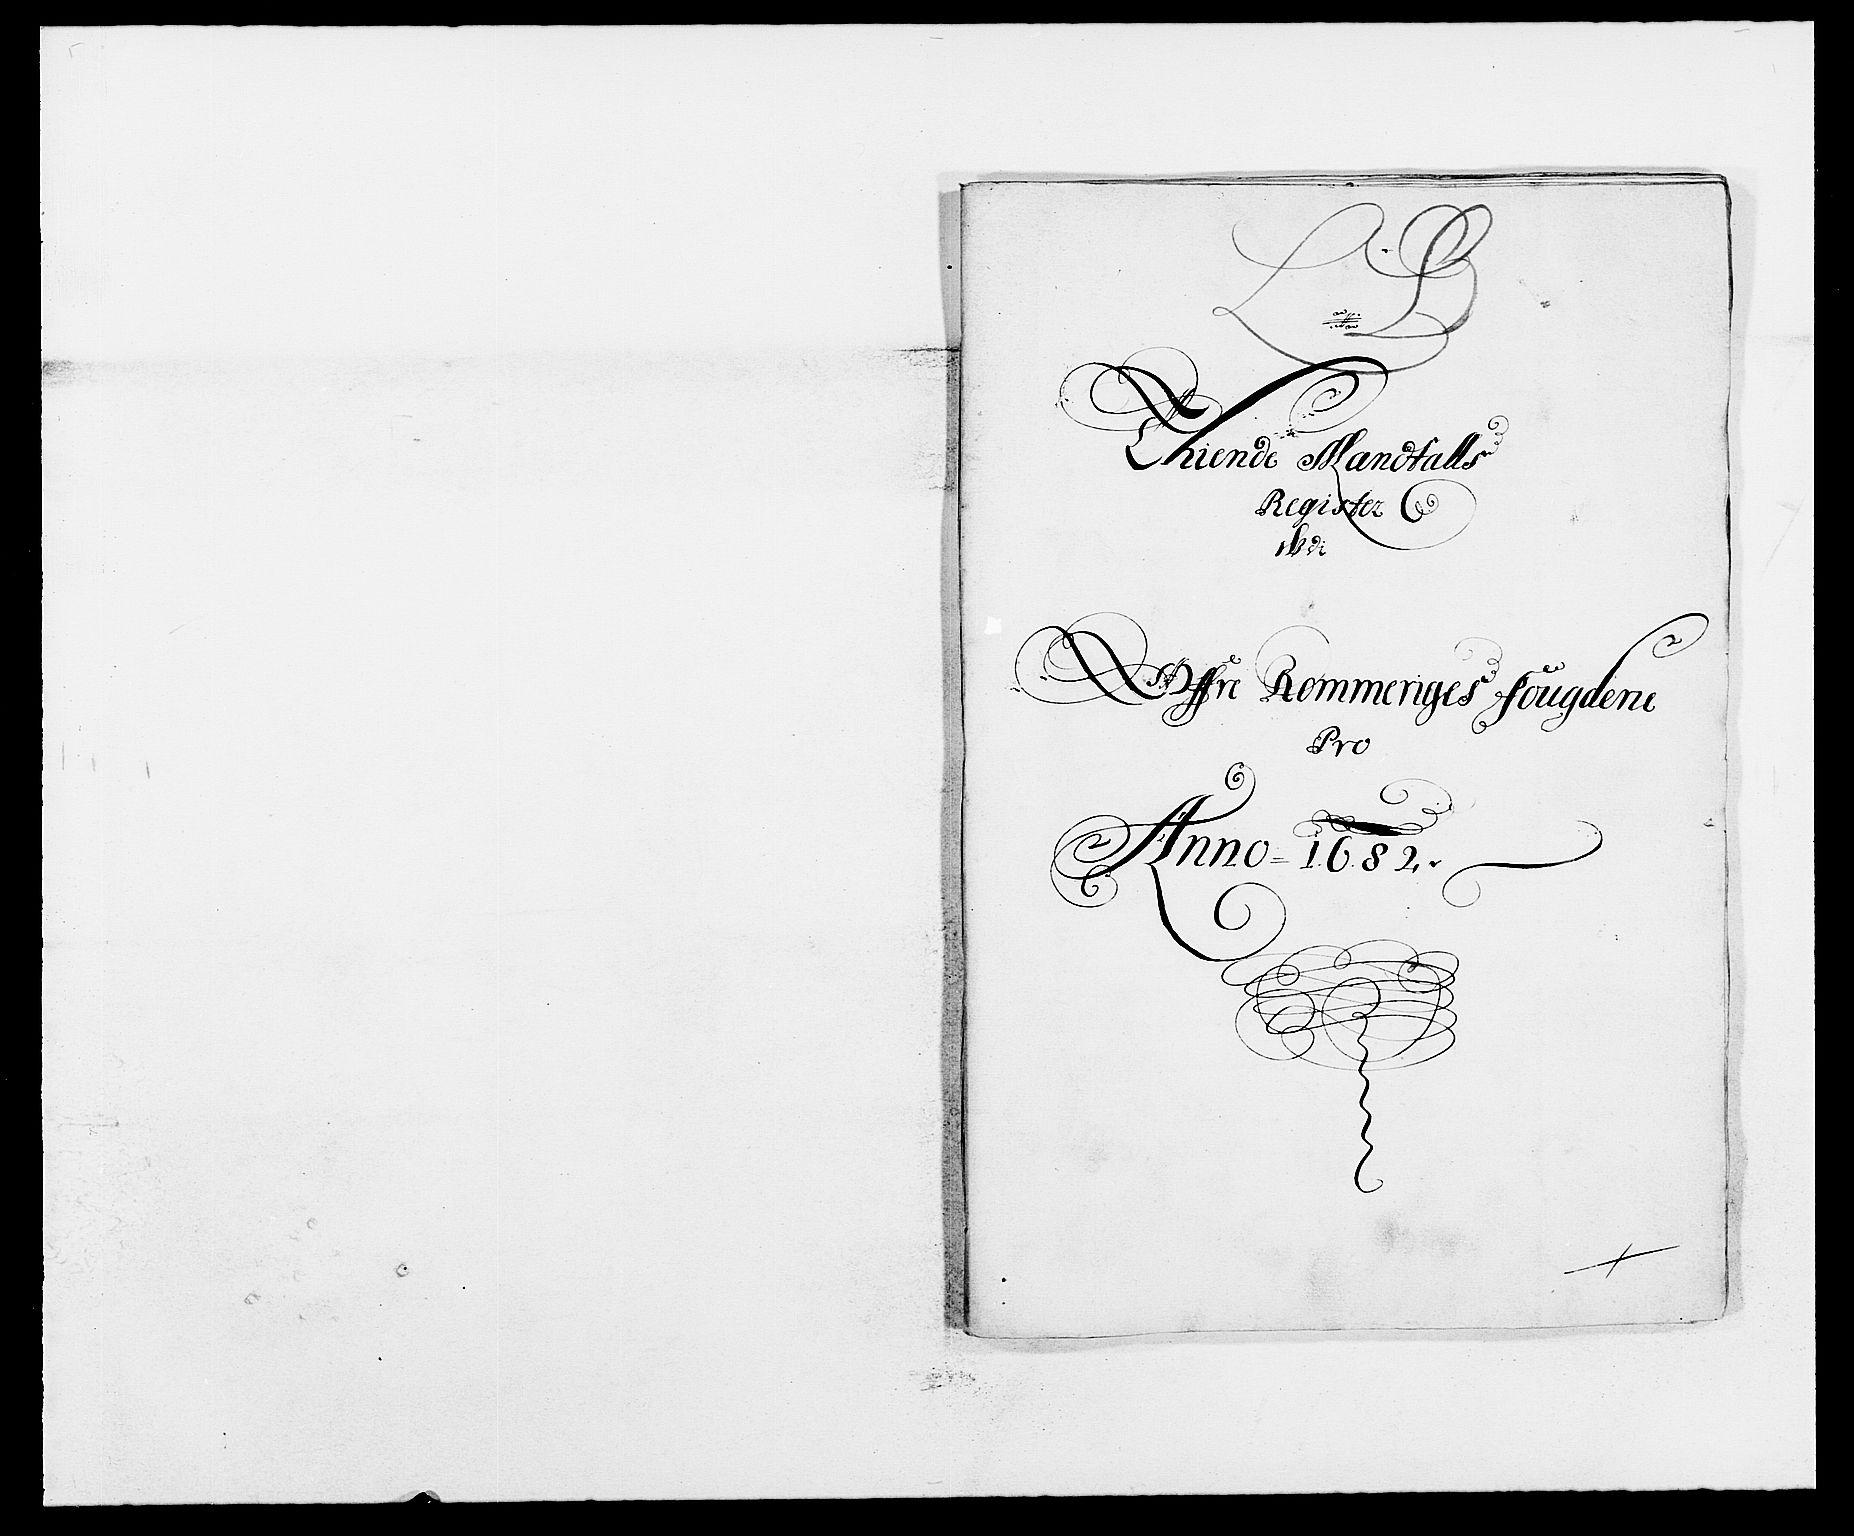 RA, Rentekammeret inntil 1814, Reviderte regnskaper, Fogderegnskap, R12/L0697: Fogderegnskap Øvre Romerike, 1682-1683, s. 68